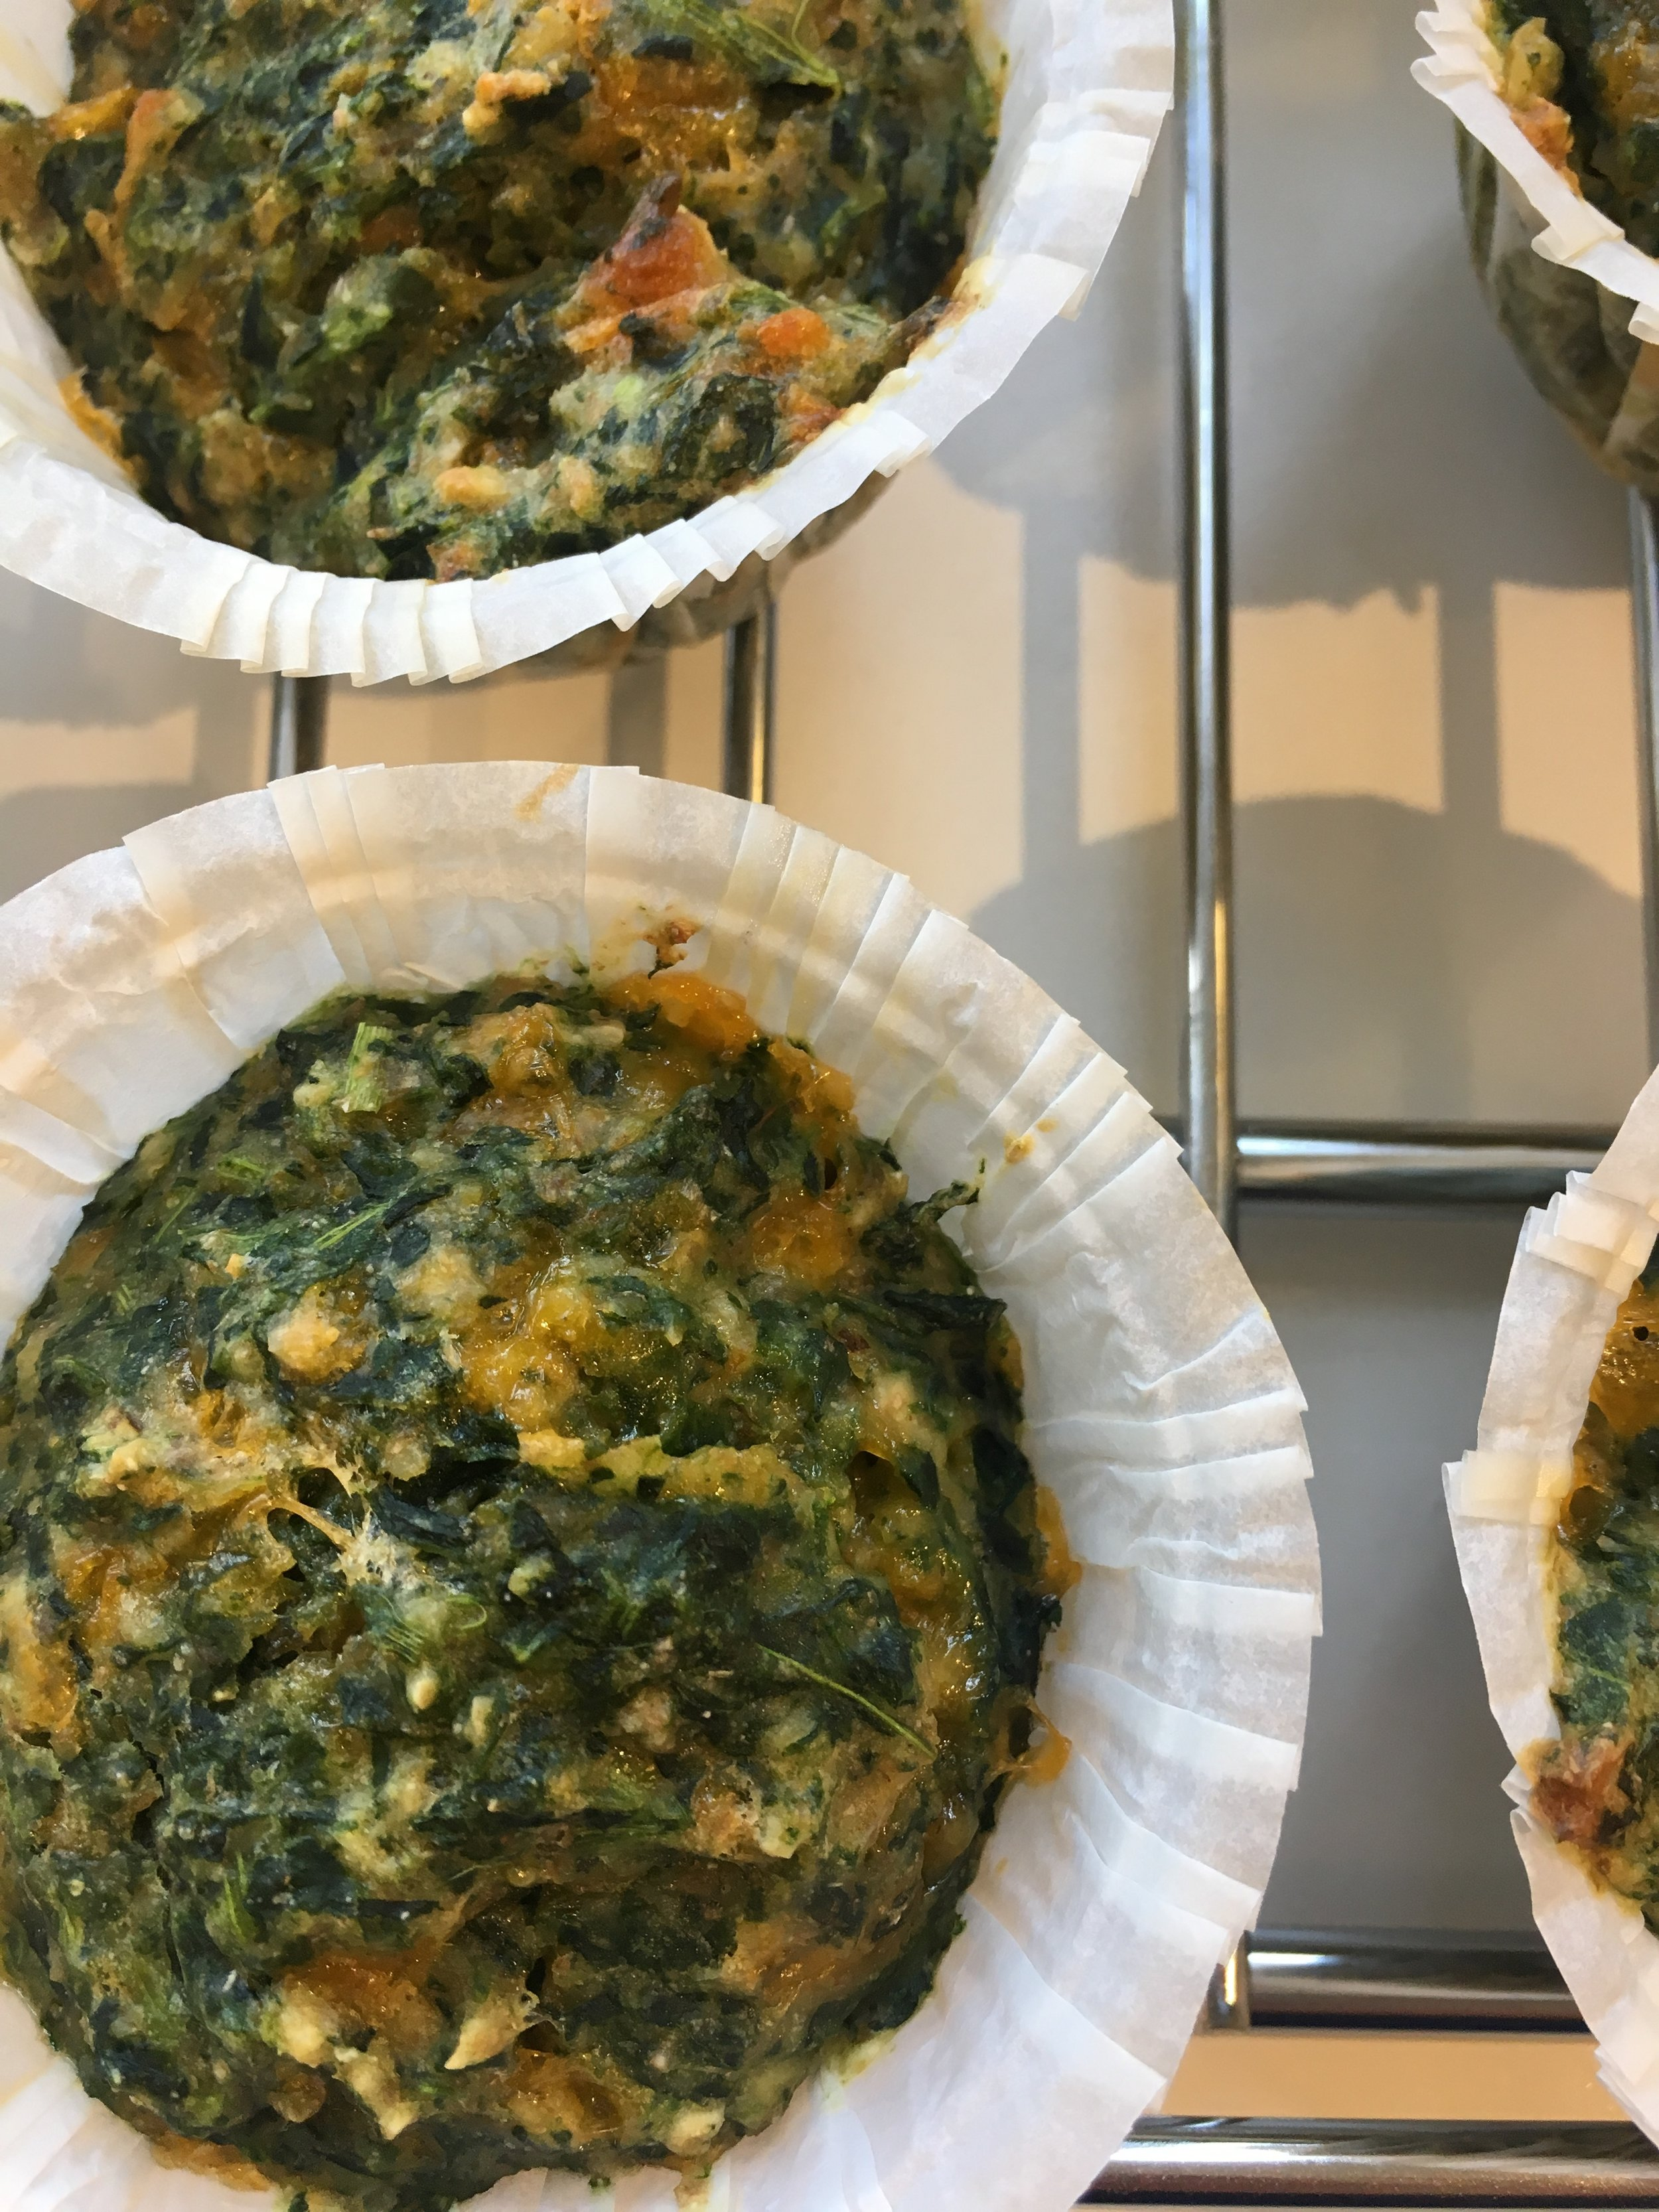 Muffins i en fart, der kan fryses ned til de travle morgener eller madpakken -